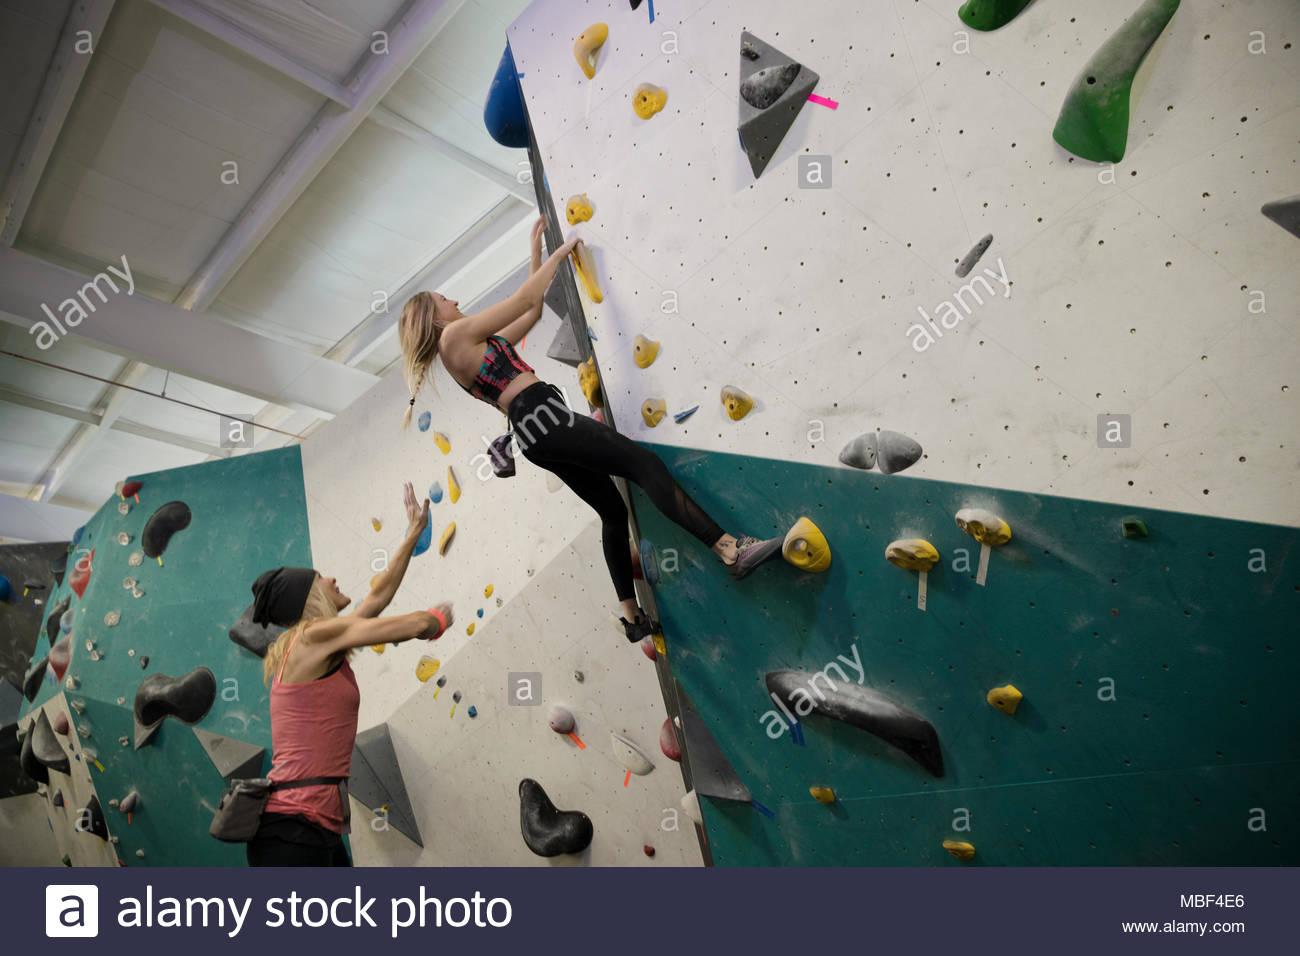 Female rock climber spotting partner mur d'escalade en salle d'escalade Photo Stock